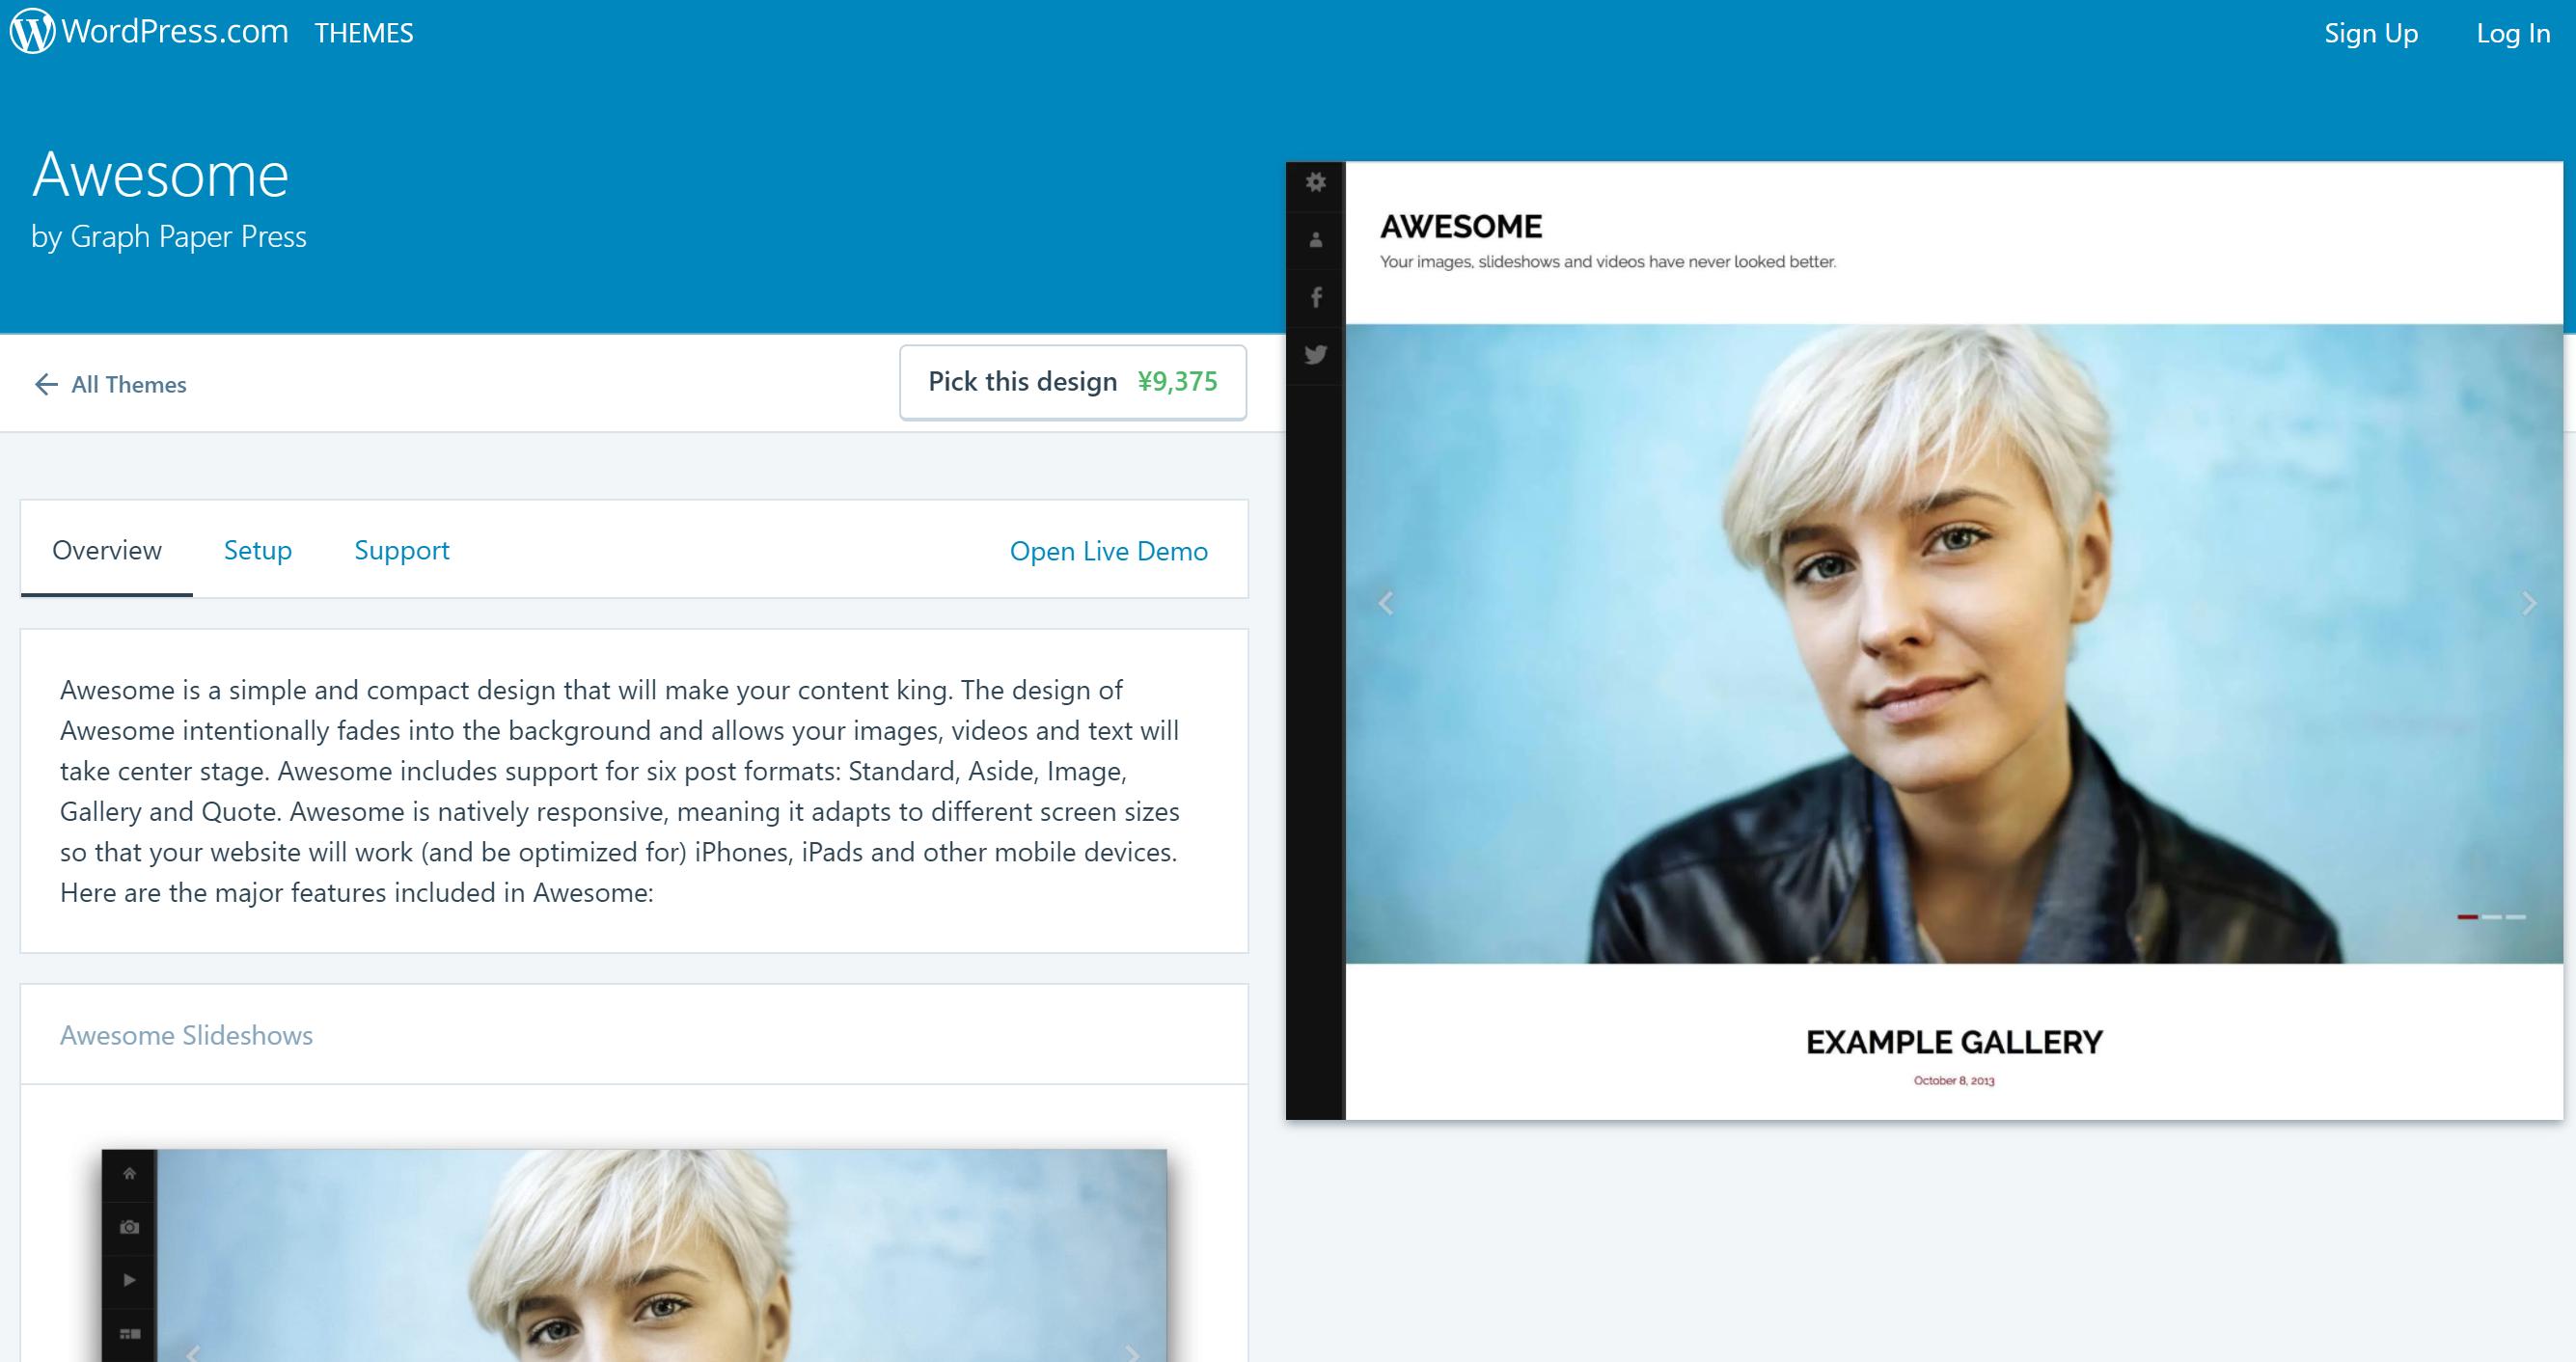 awesome - WordPressでプラグインでAMP対応するには?メリット・デメリットは?